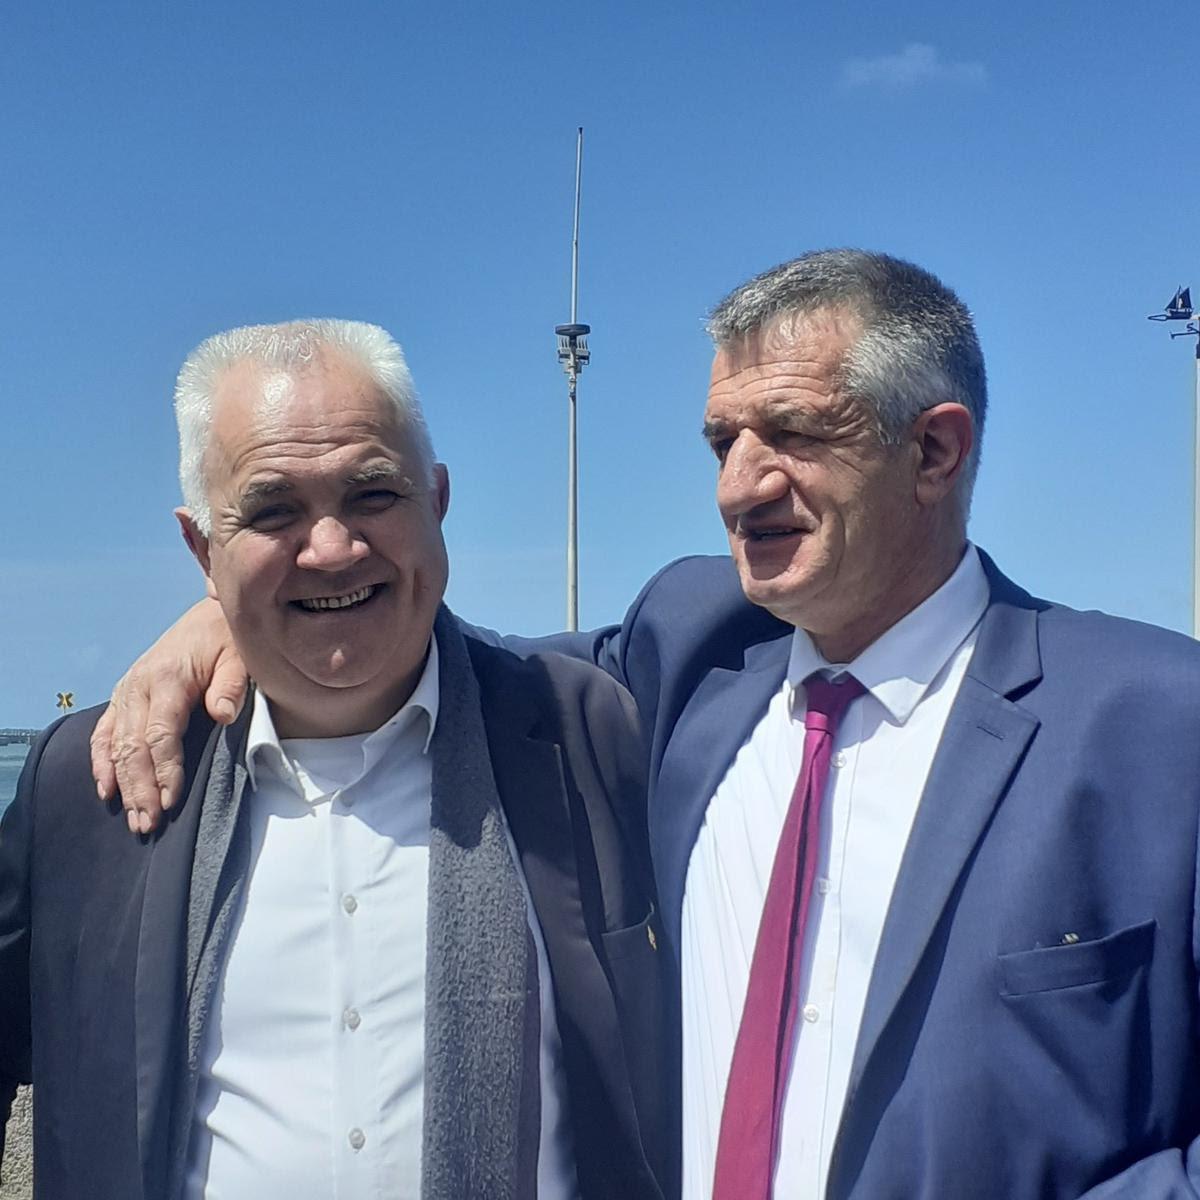 Guy Proteau, le maire de Bourcefranc-La Chapus et Jean Lassalle.